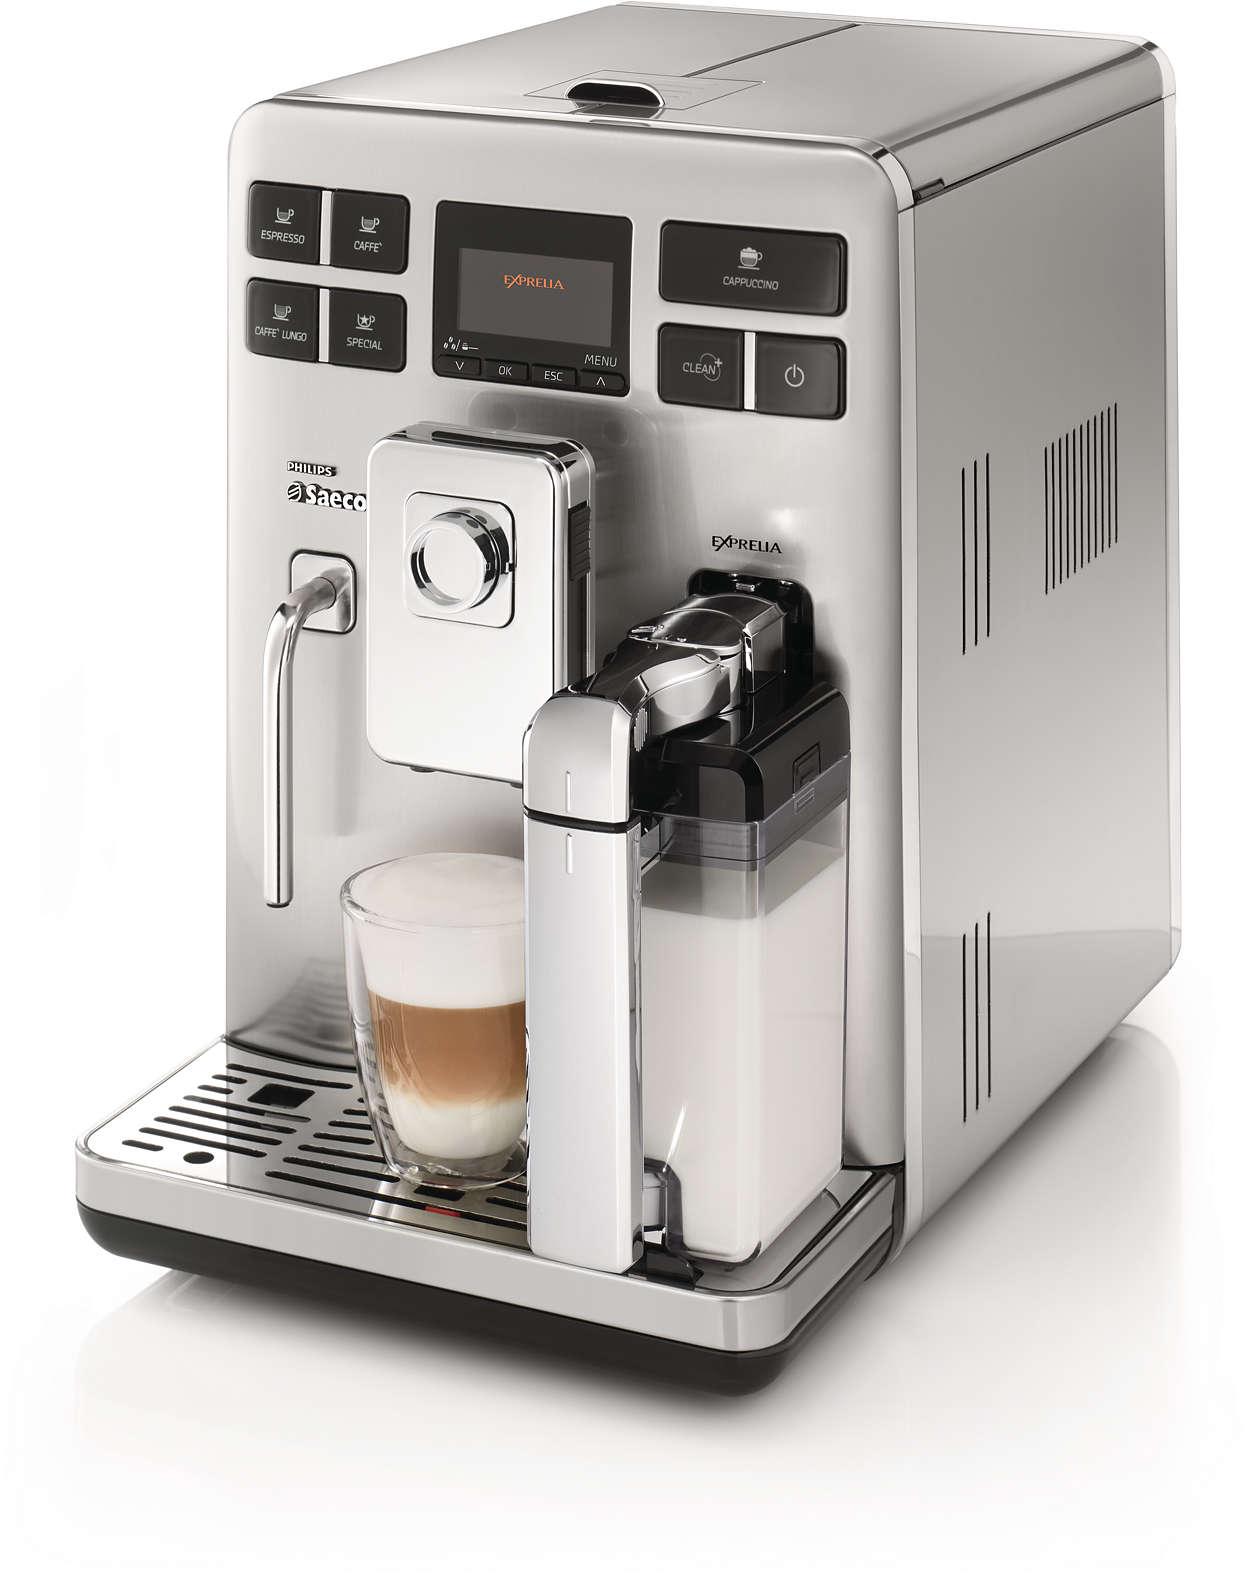 Идеальный вкус и температура кофе, никаких проблем с очисткой.